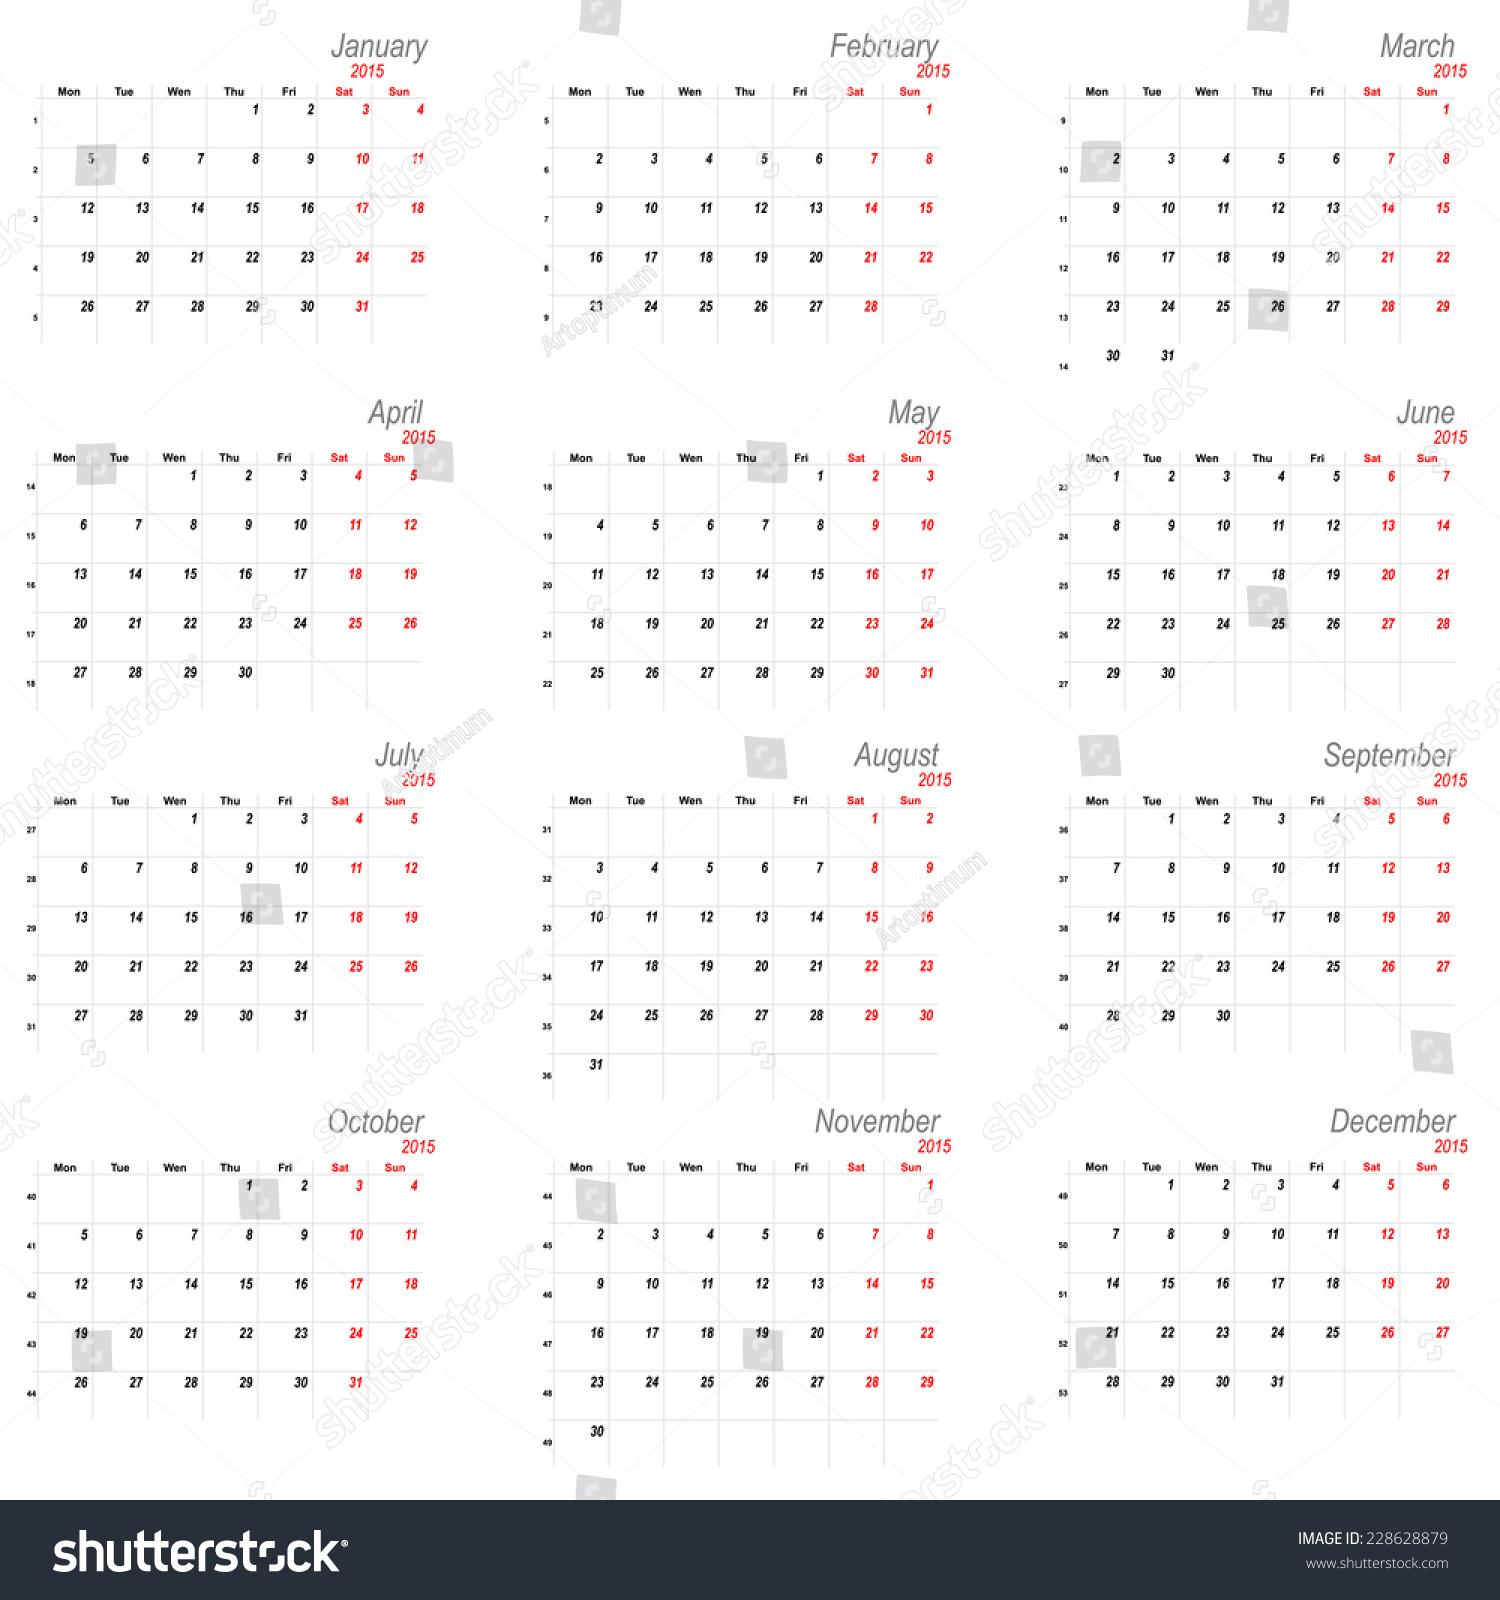 Calendar Planner Vector : Vector calendar planner schedule week starts with